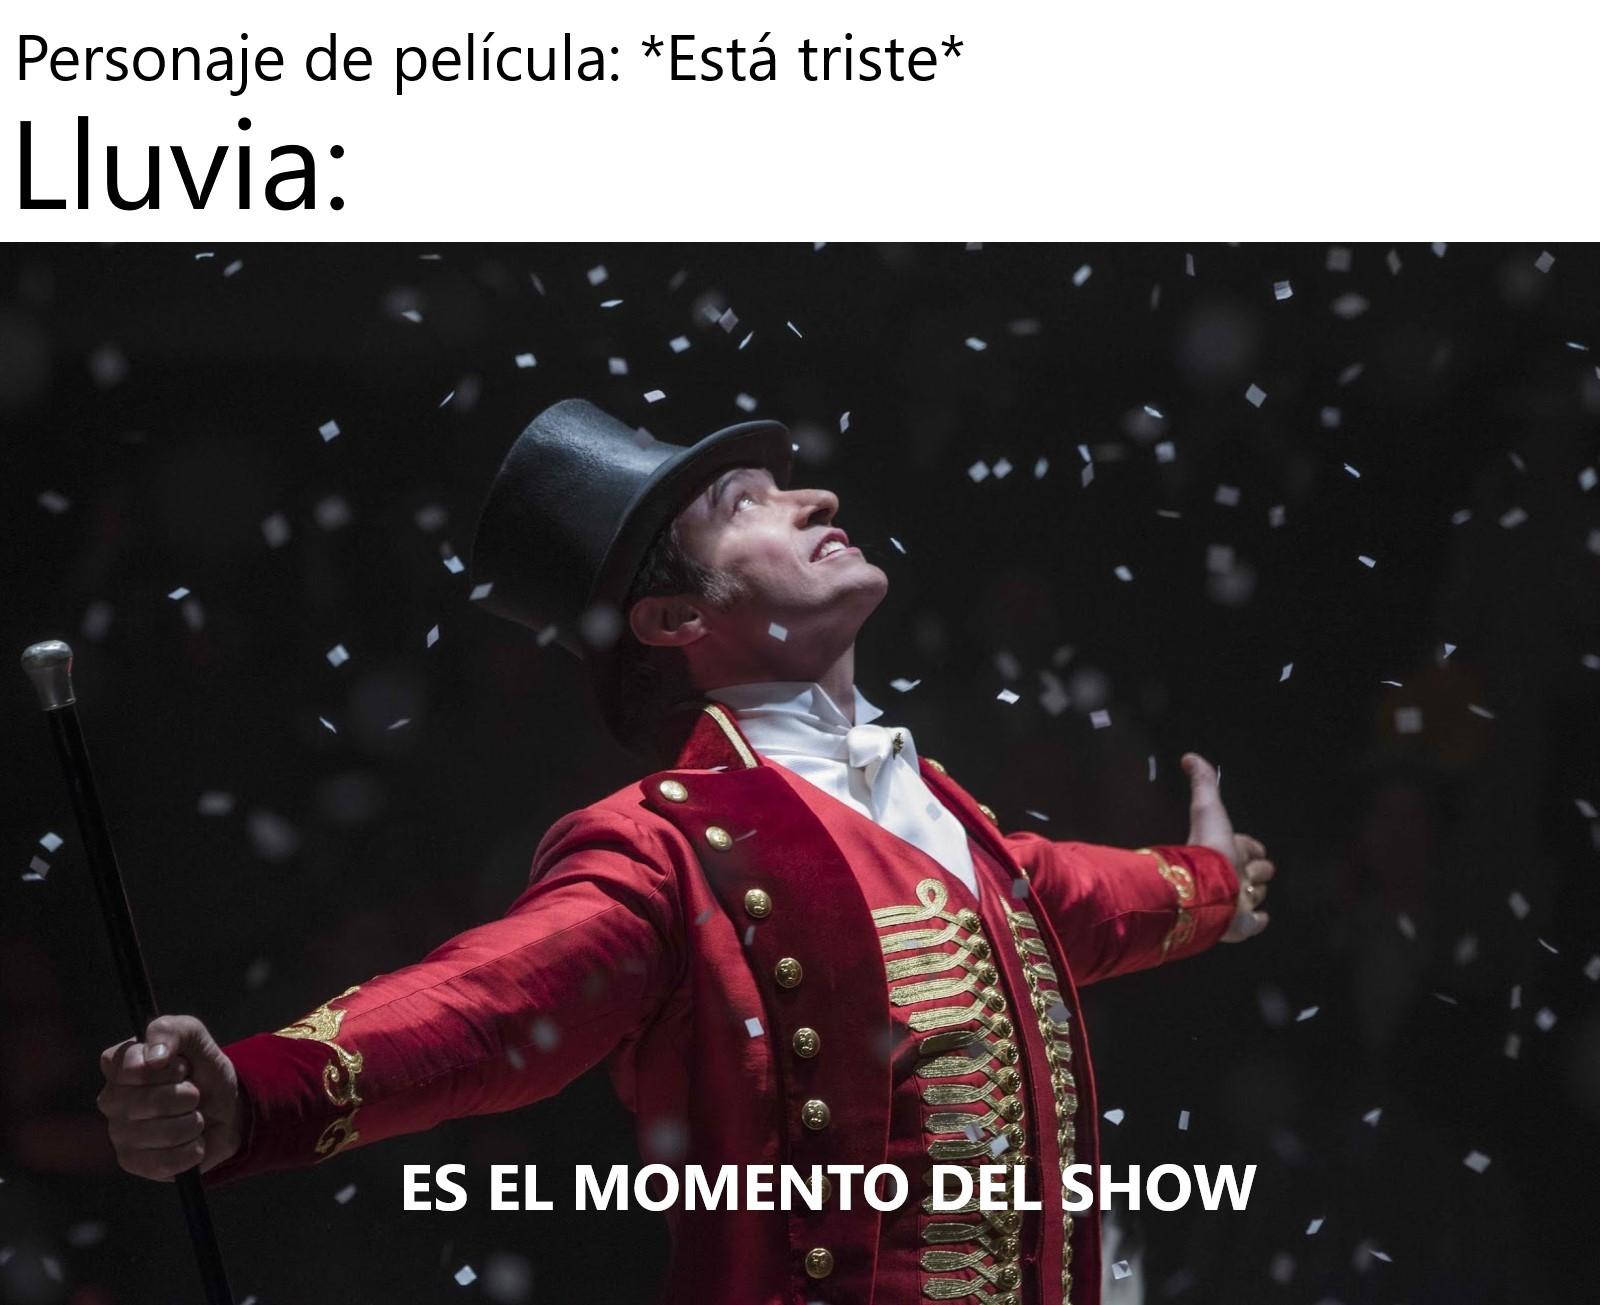 ES EL MOMENTO DEL SHOW - meme